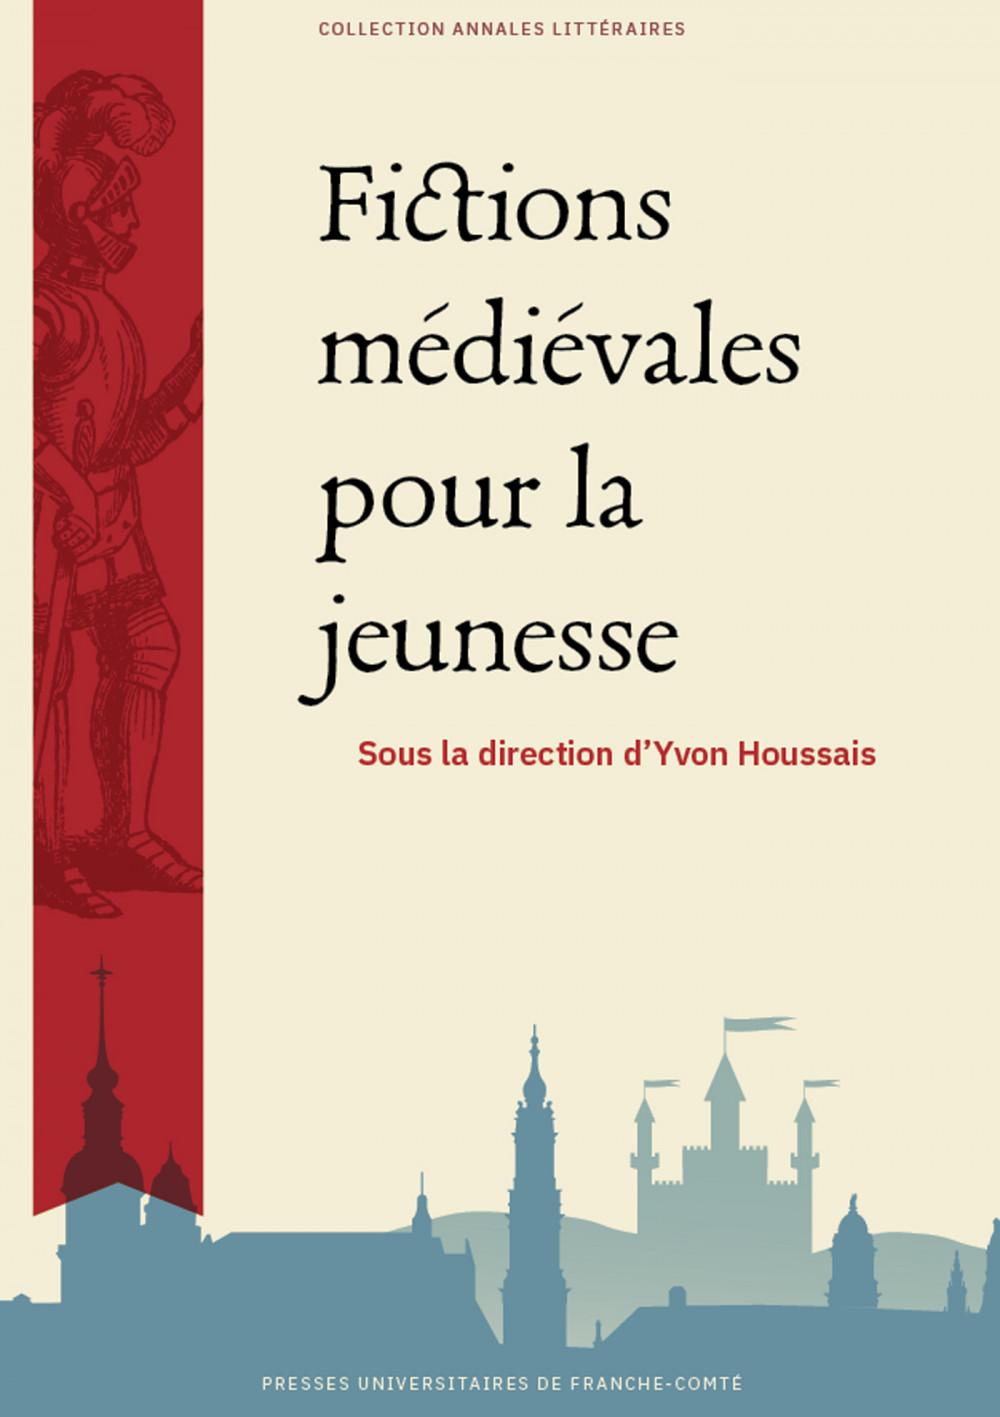 Fictions médiévales pour la jeunesse